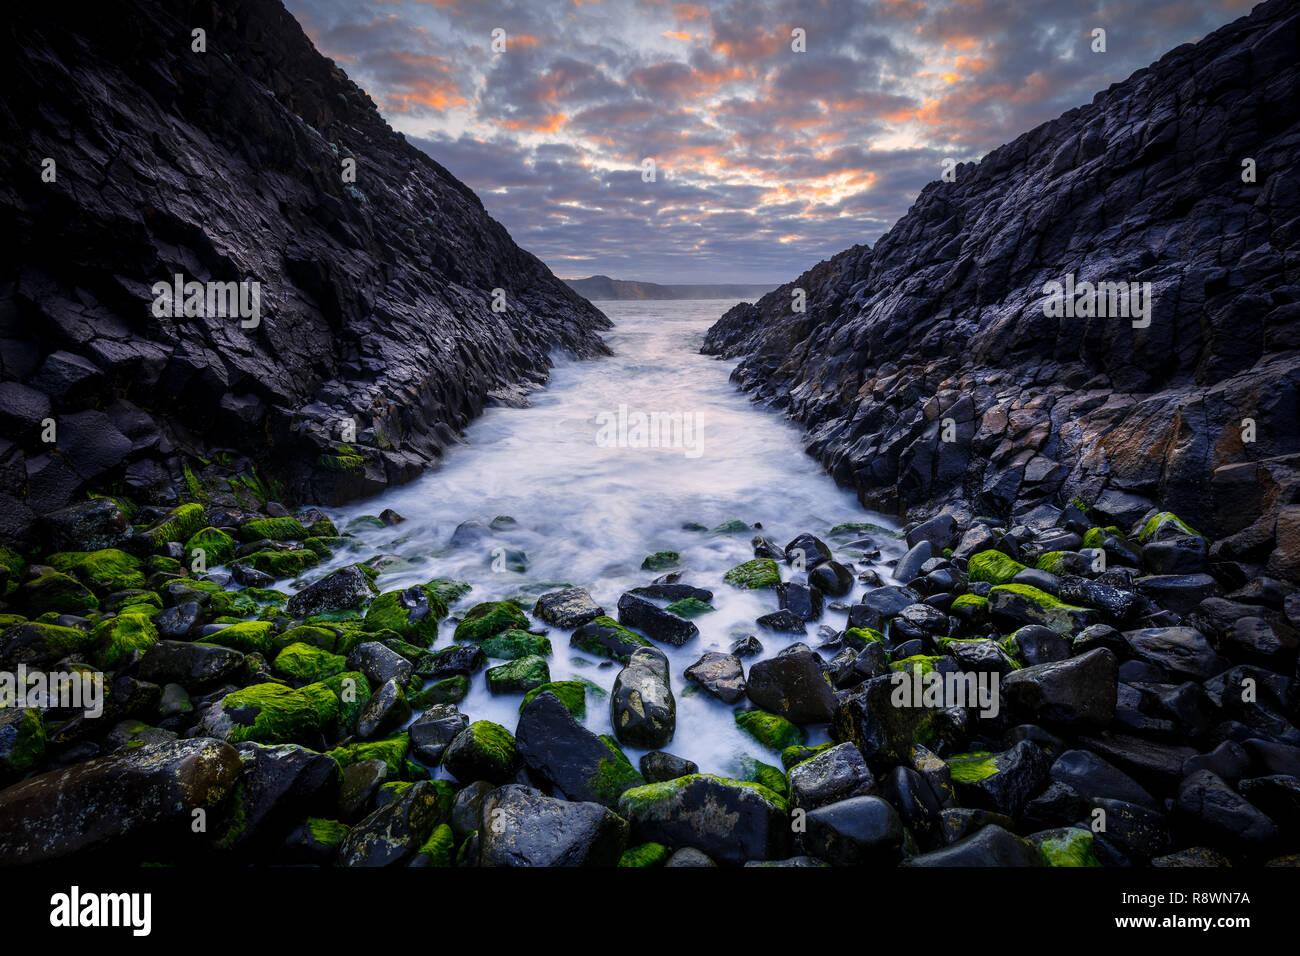 Basalto Seascape, Escudete negro, Australia Occidental Imagen De Stock